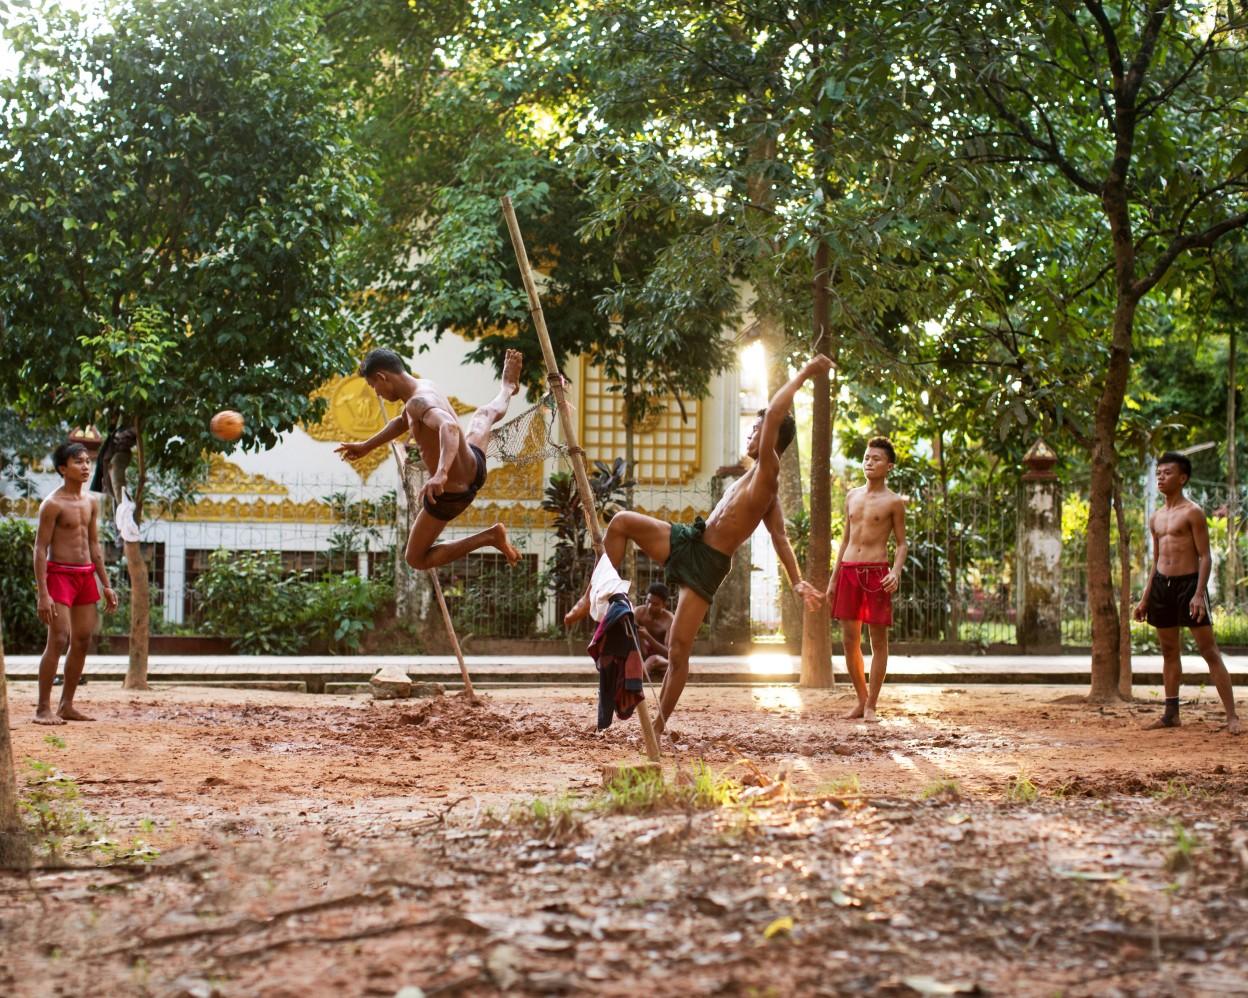 Sean-Fennessy-Yangon-Myanmar-187